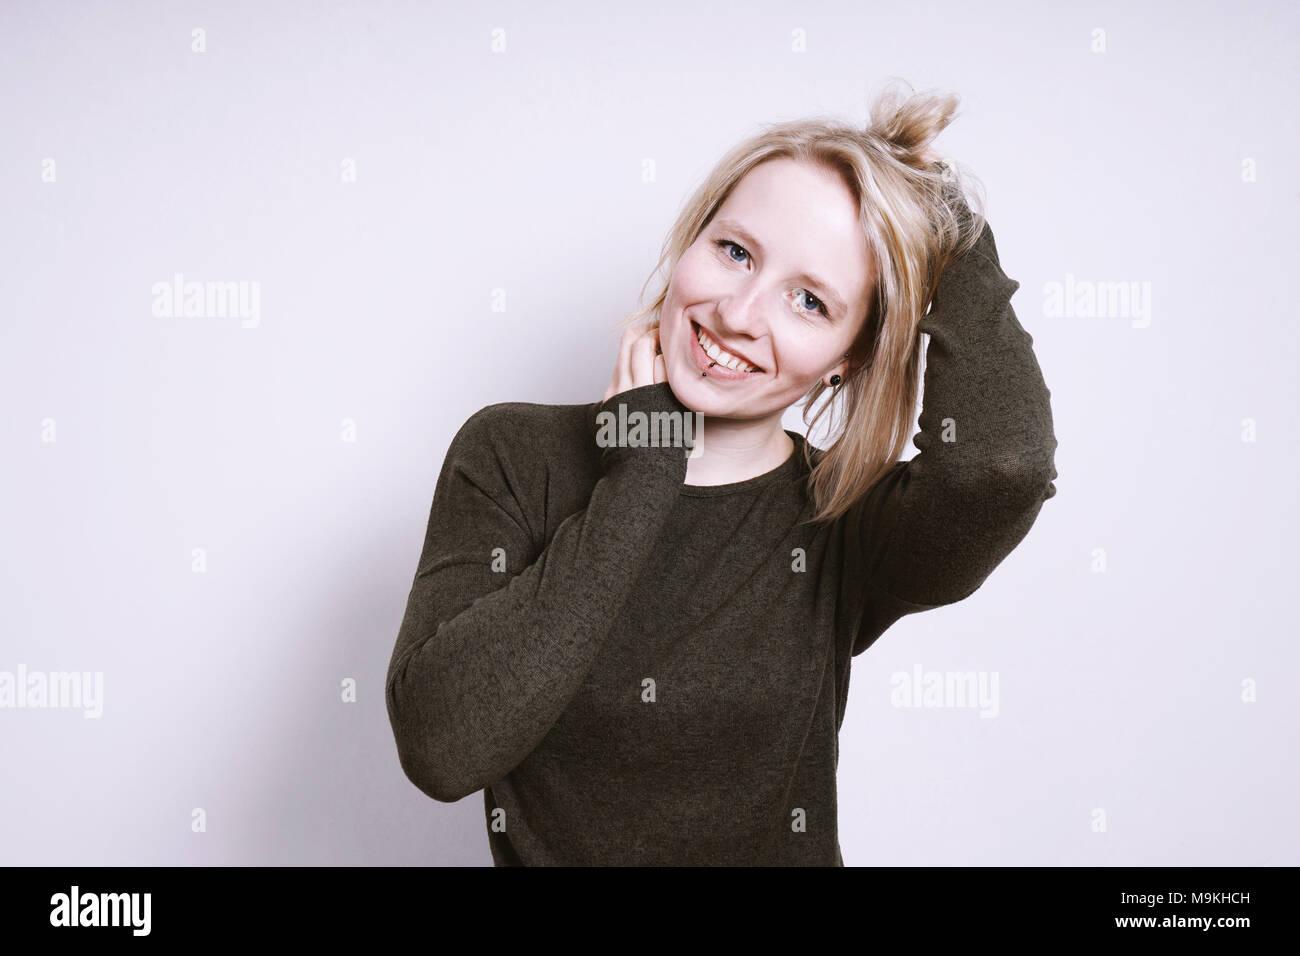 Felice giovane donna sorridente con le mani nei capelli Immagini Stock